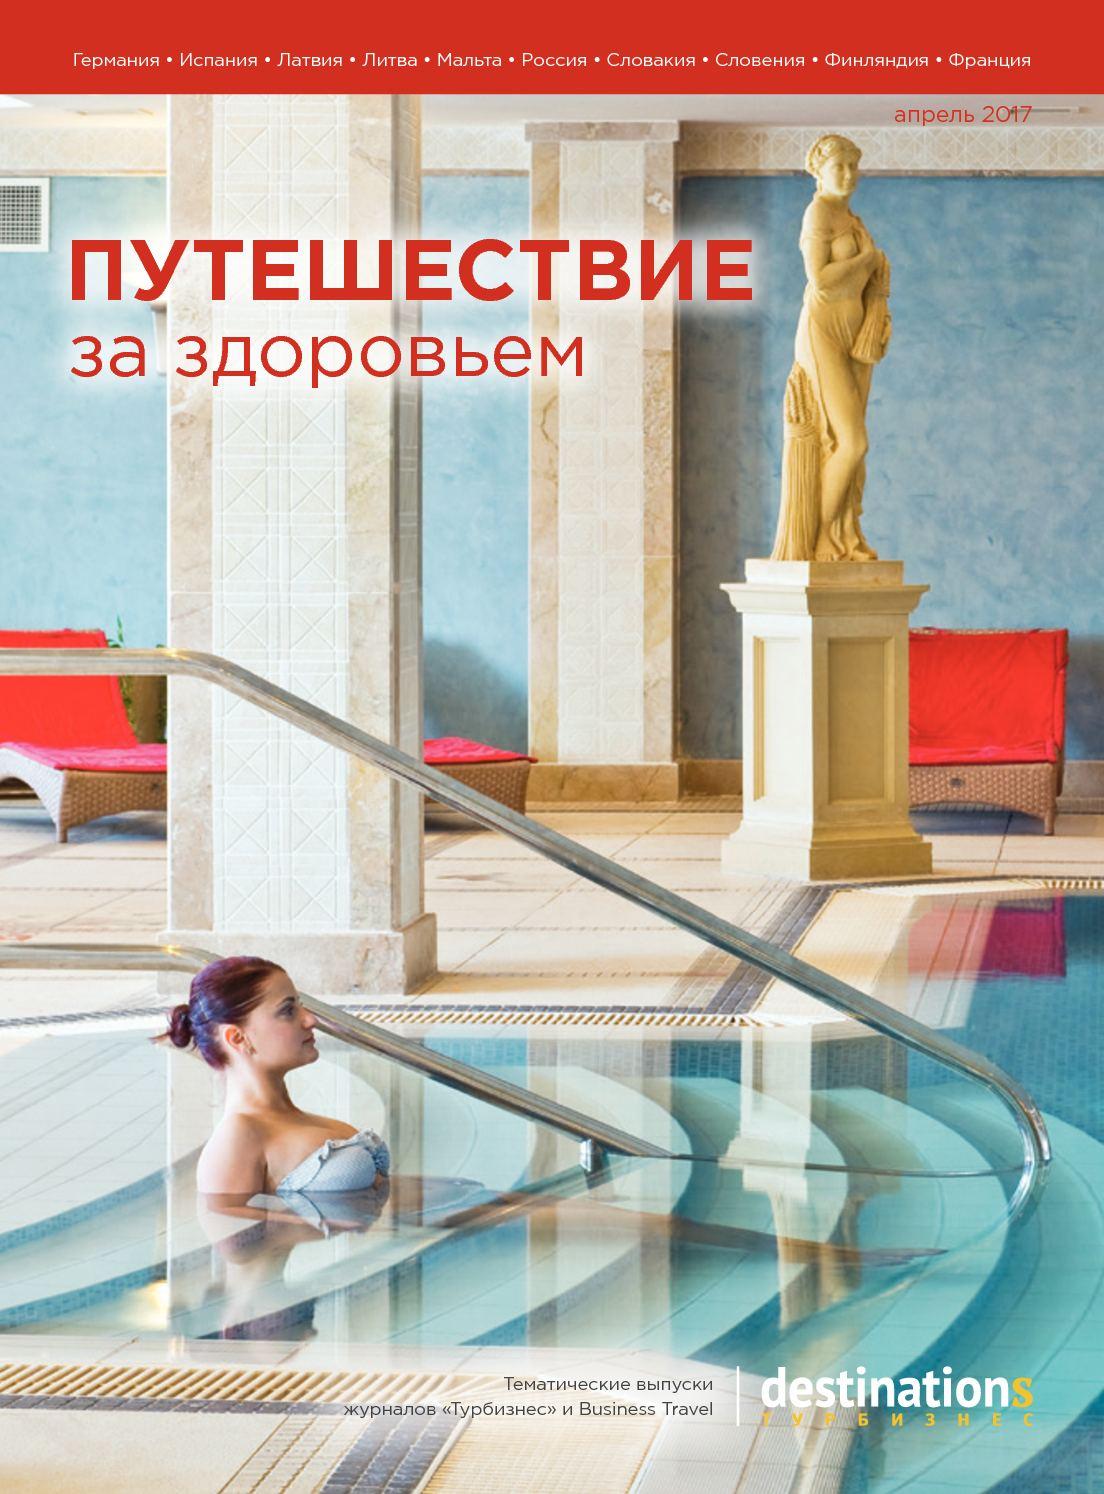 Вперед в баню за здоровьем: методика организации банного досуга